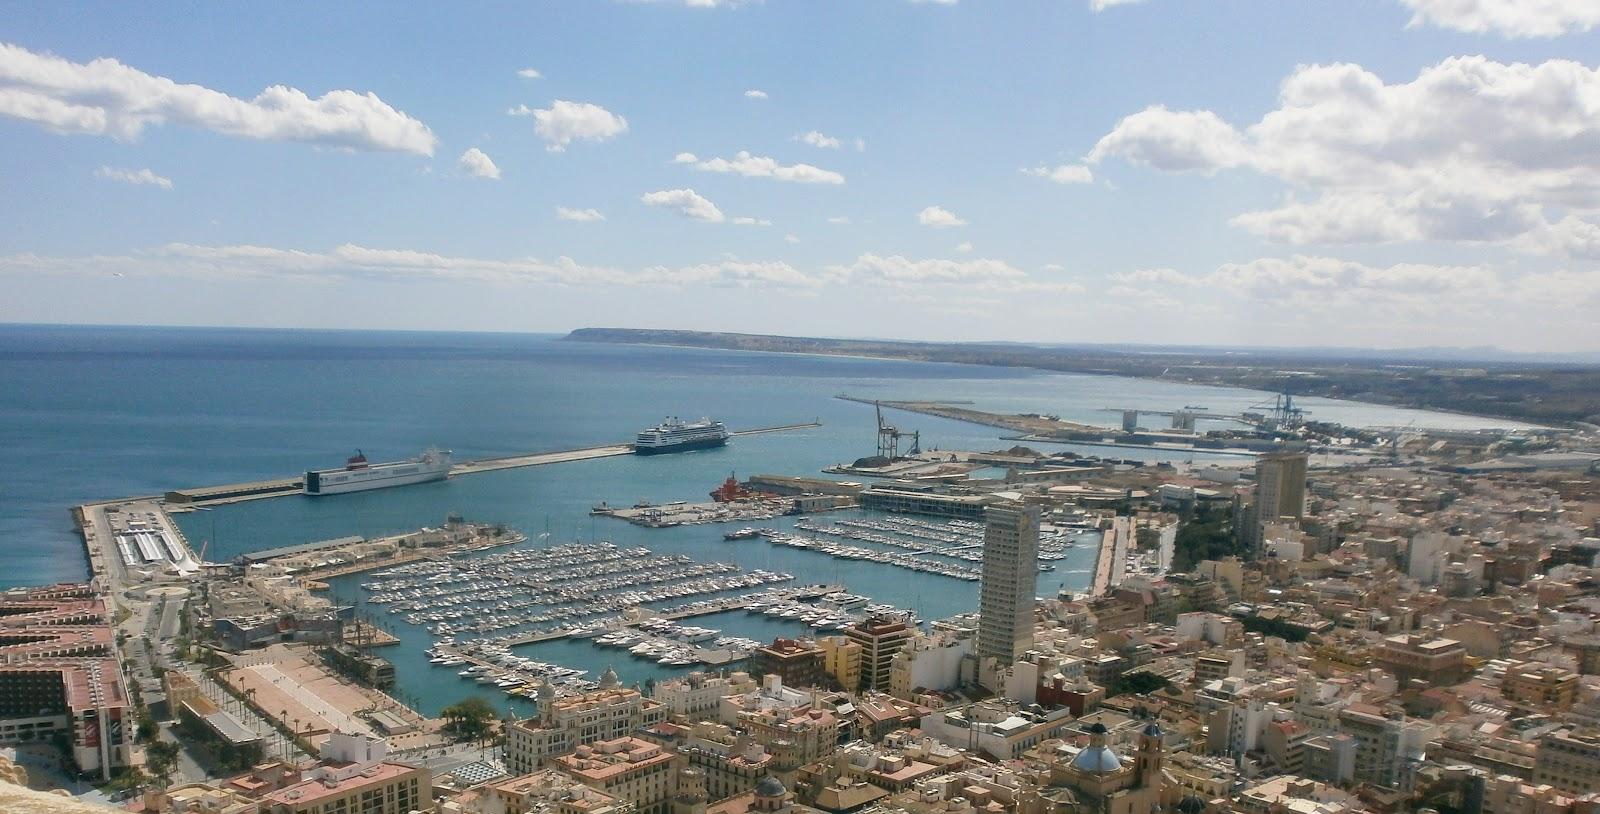 File:Puerto de Alicante,